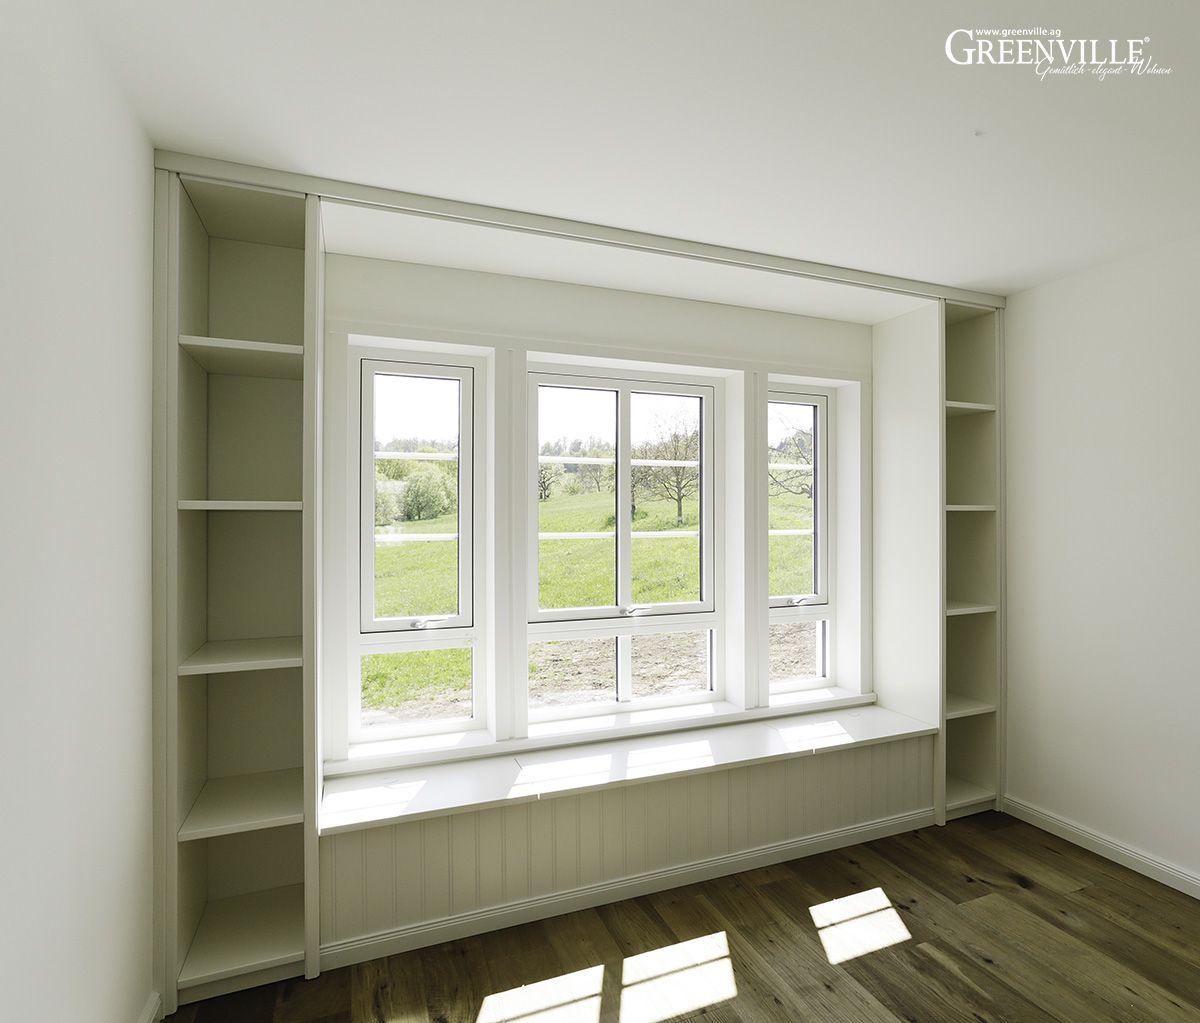 Fensterbank mit Bücherregal. Zum Klönen und Lesen. | London ...